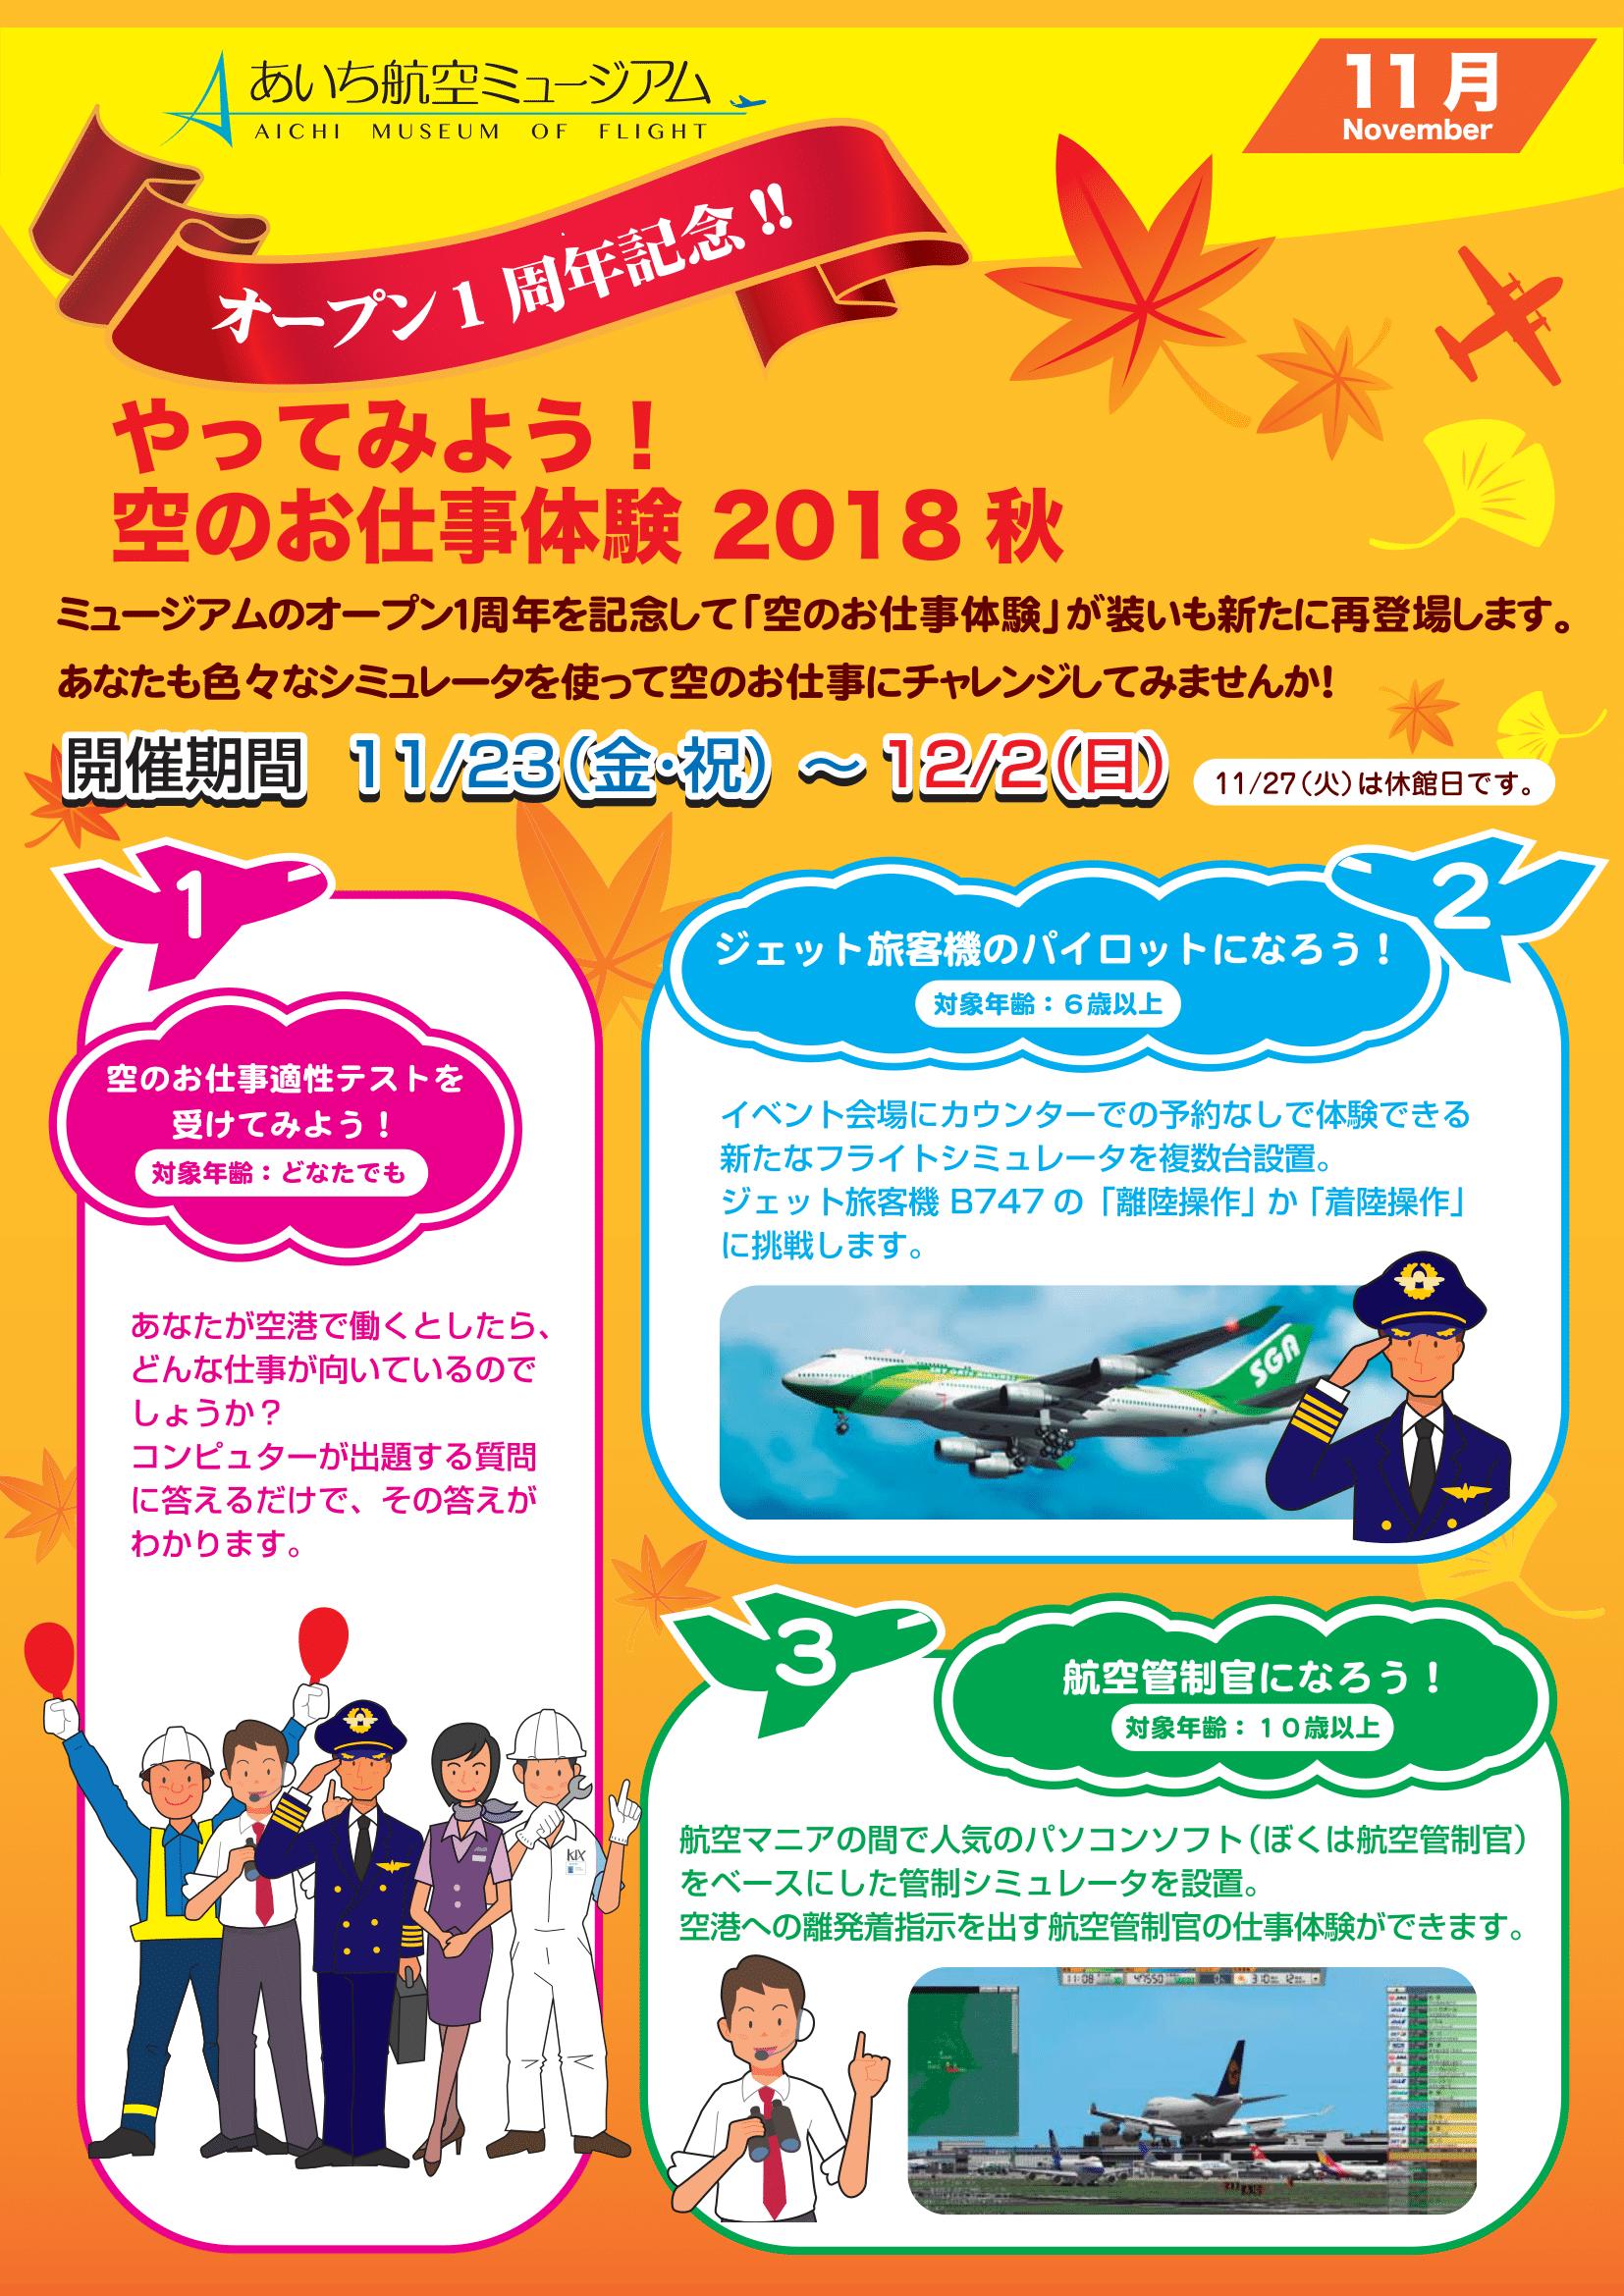 あいち航空ミュージアム秋イベントチラシ181101-1.png